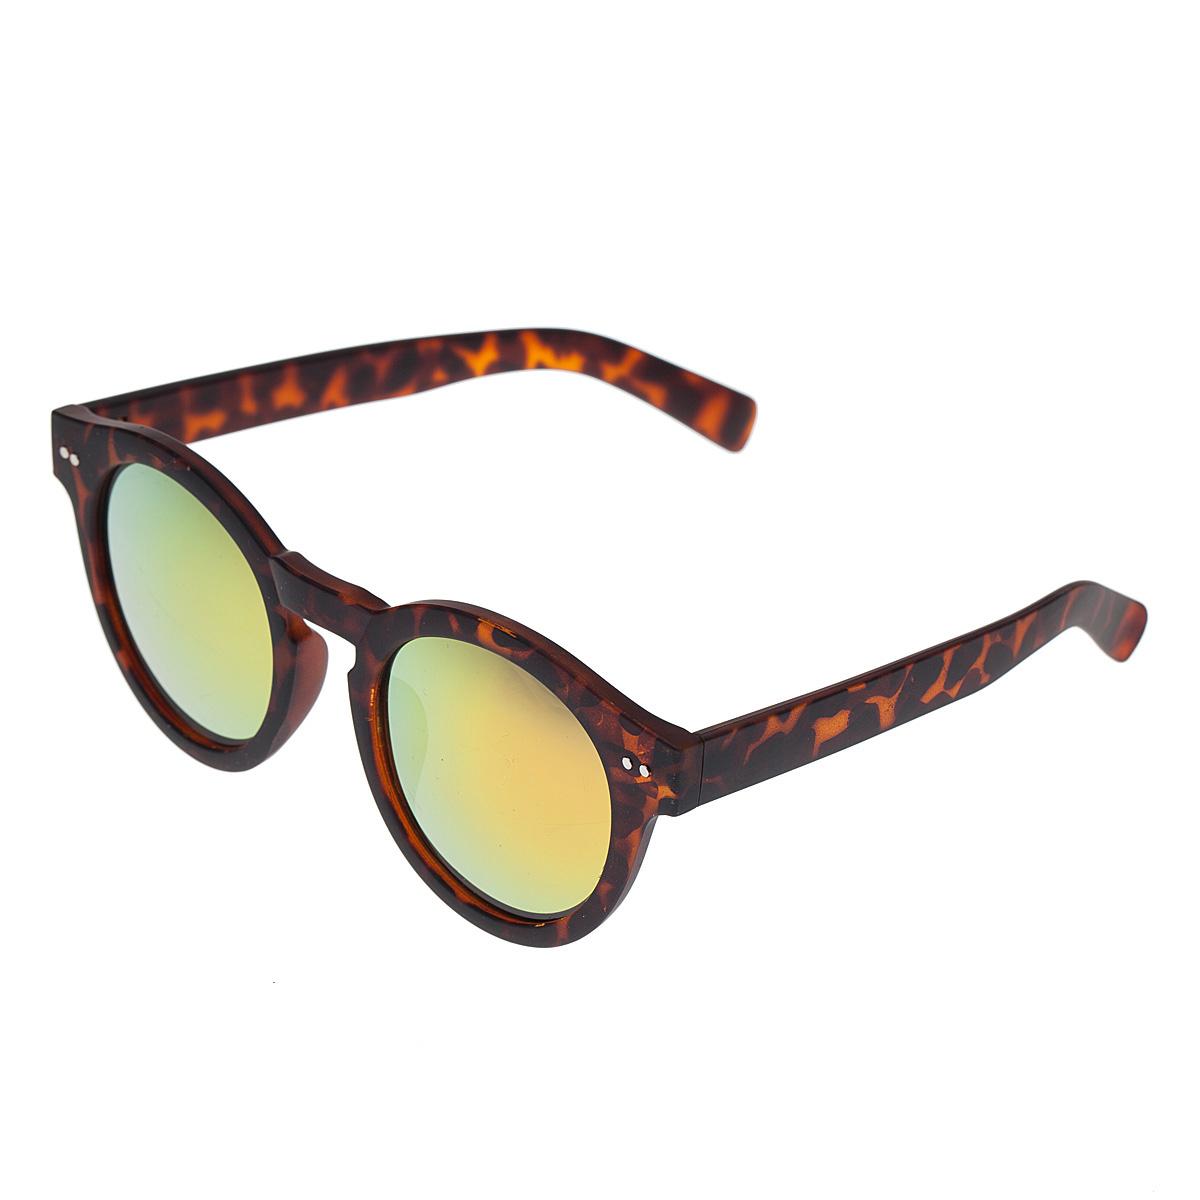 Очки солнцезащитные Sevenext, 23032-9 солнцезащитные очки zerorh солнцезащитные очки rh 823s 02 page 9